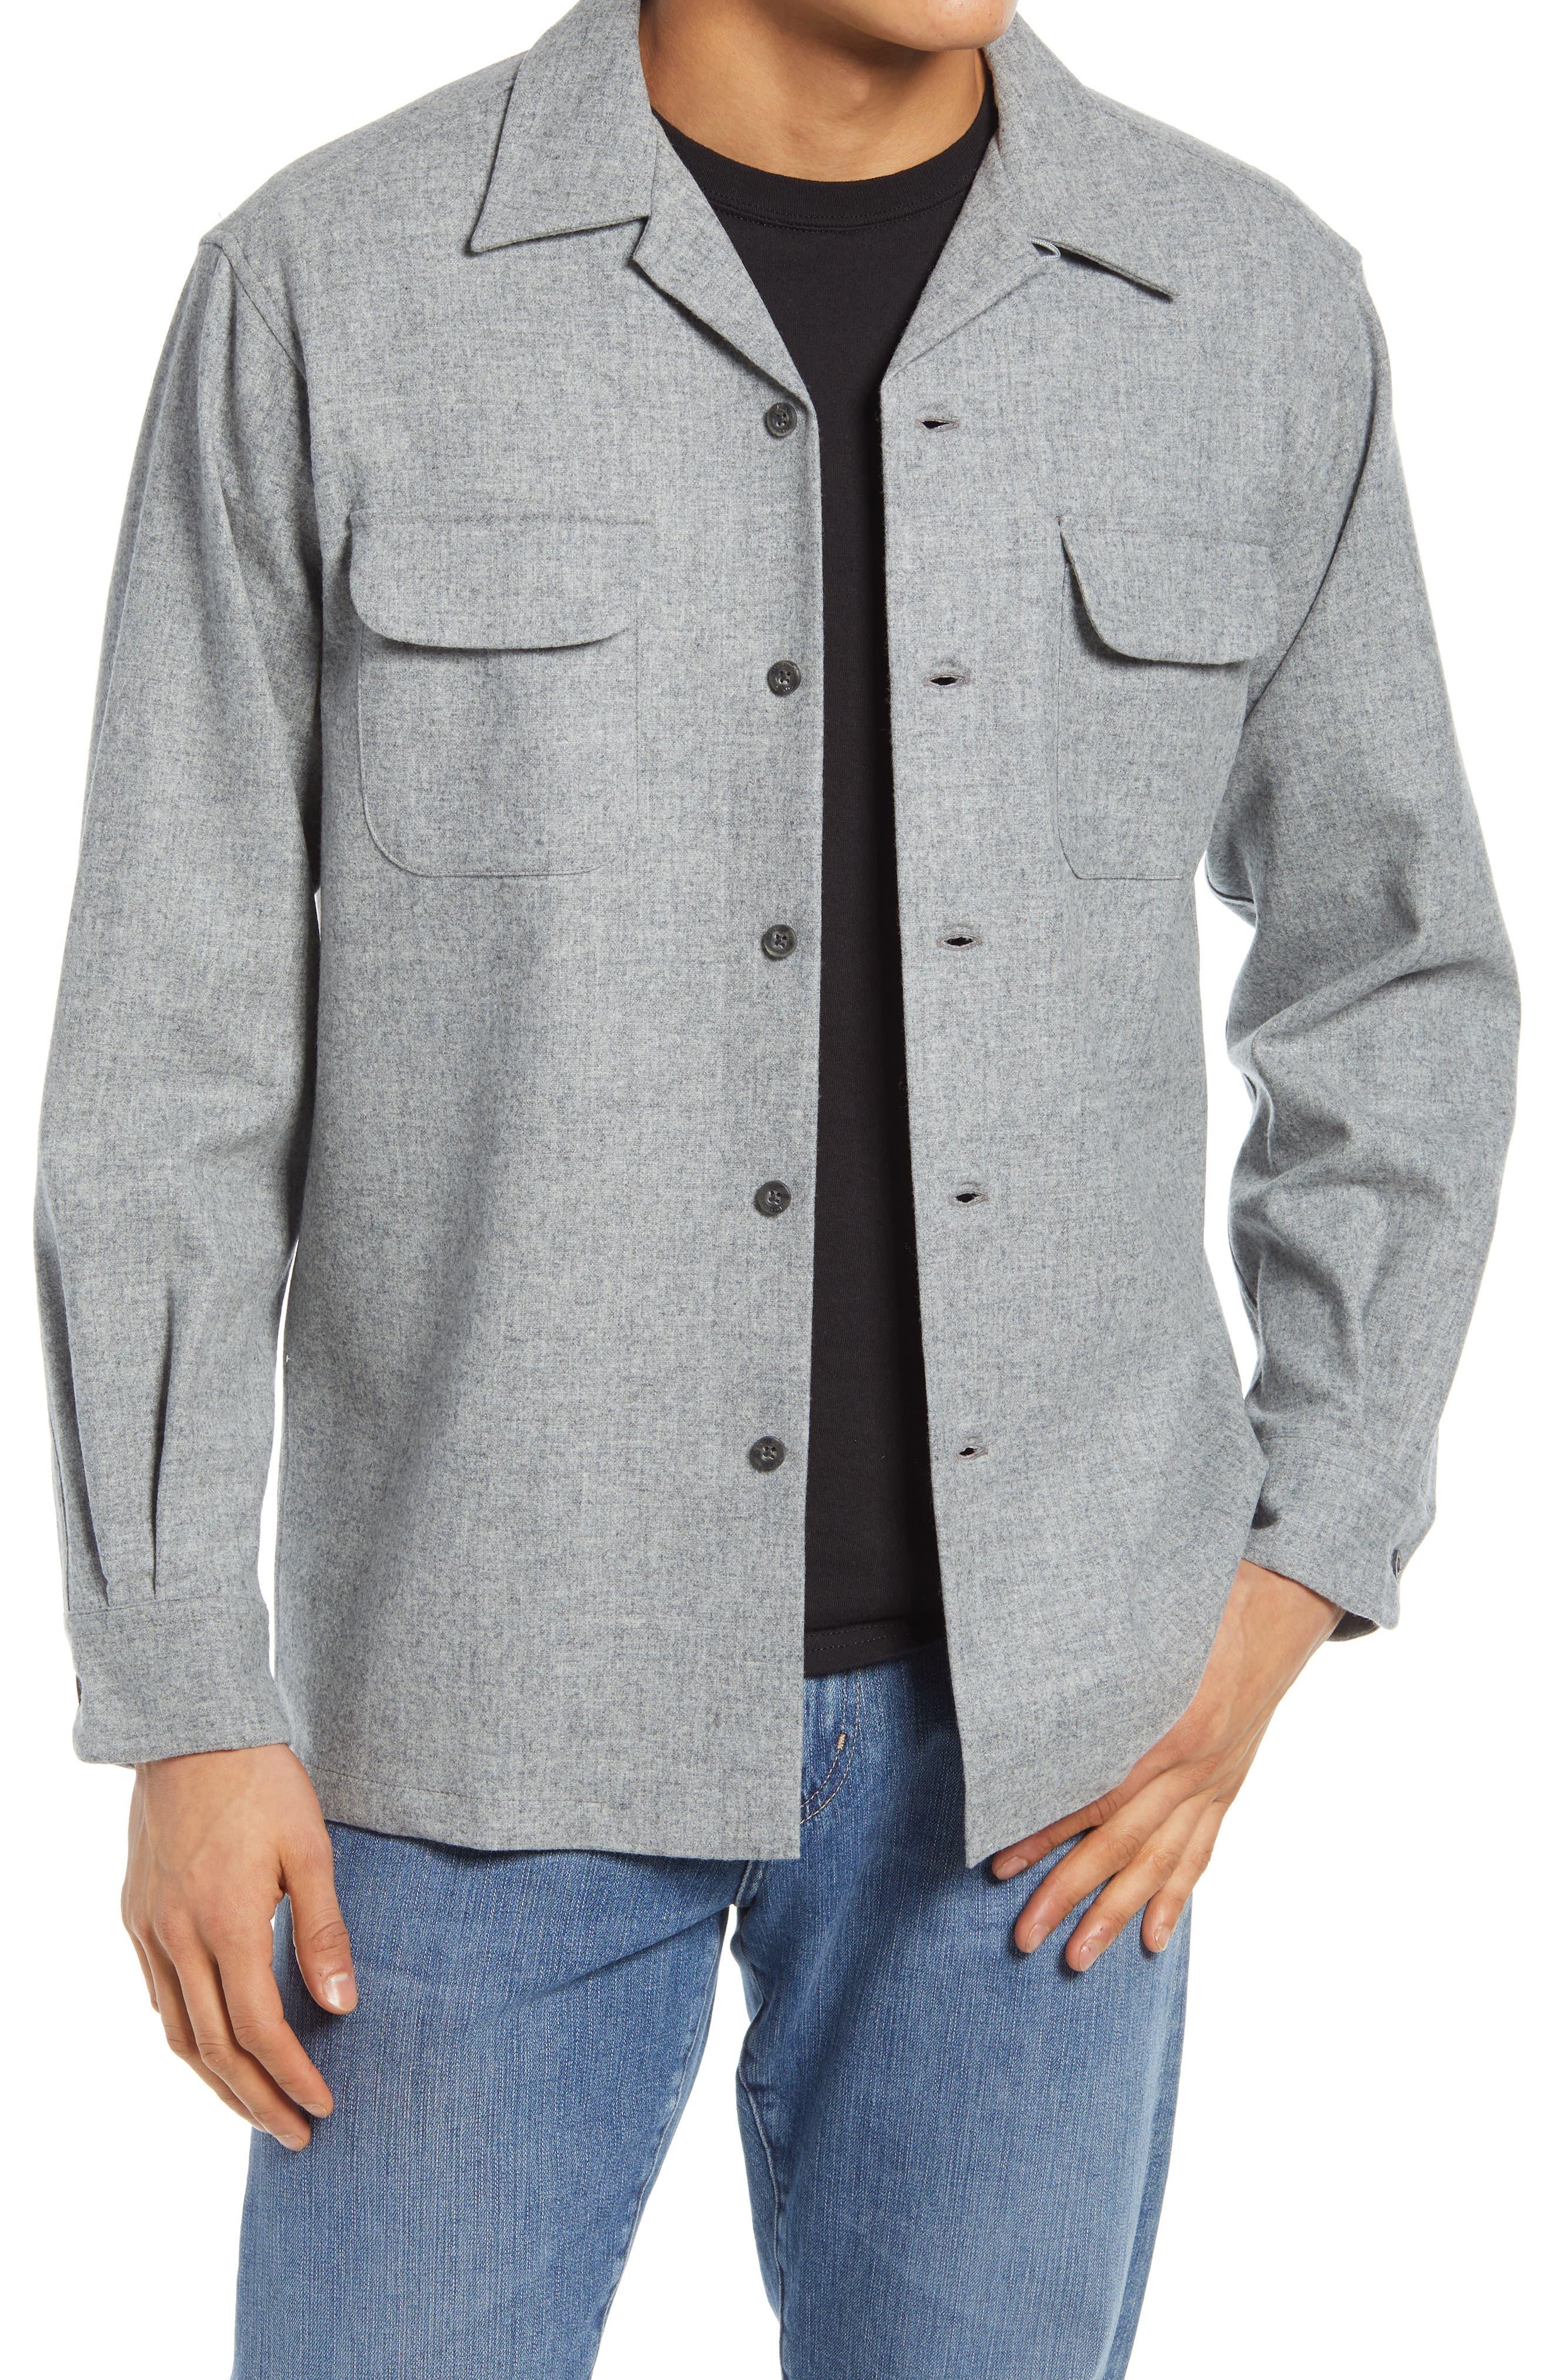 1930s Mens Shirts | Dress Shirts, Polo Shirts, Work Shirts Mens Pendleton Board Lined Wool Shirt Size Small - Grey $149.00 AT vintagedancer.com